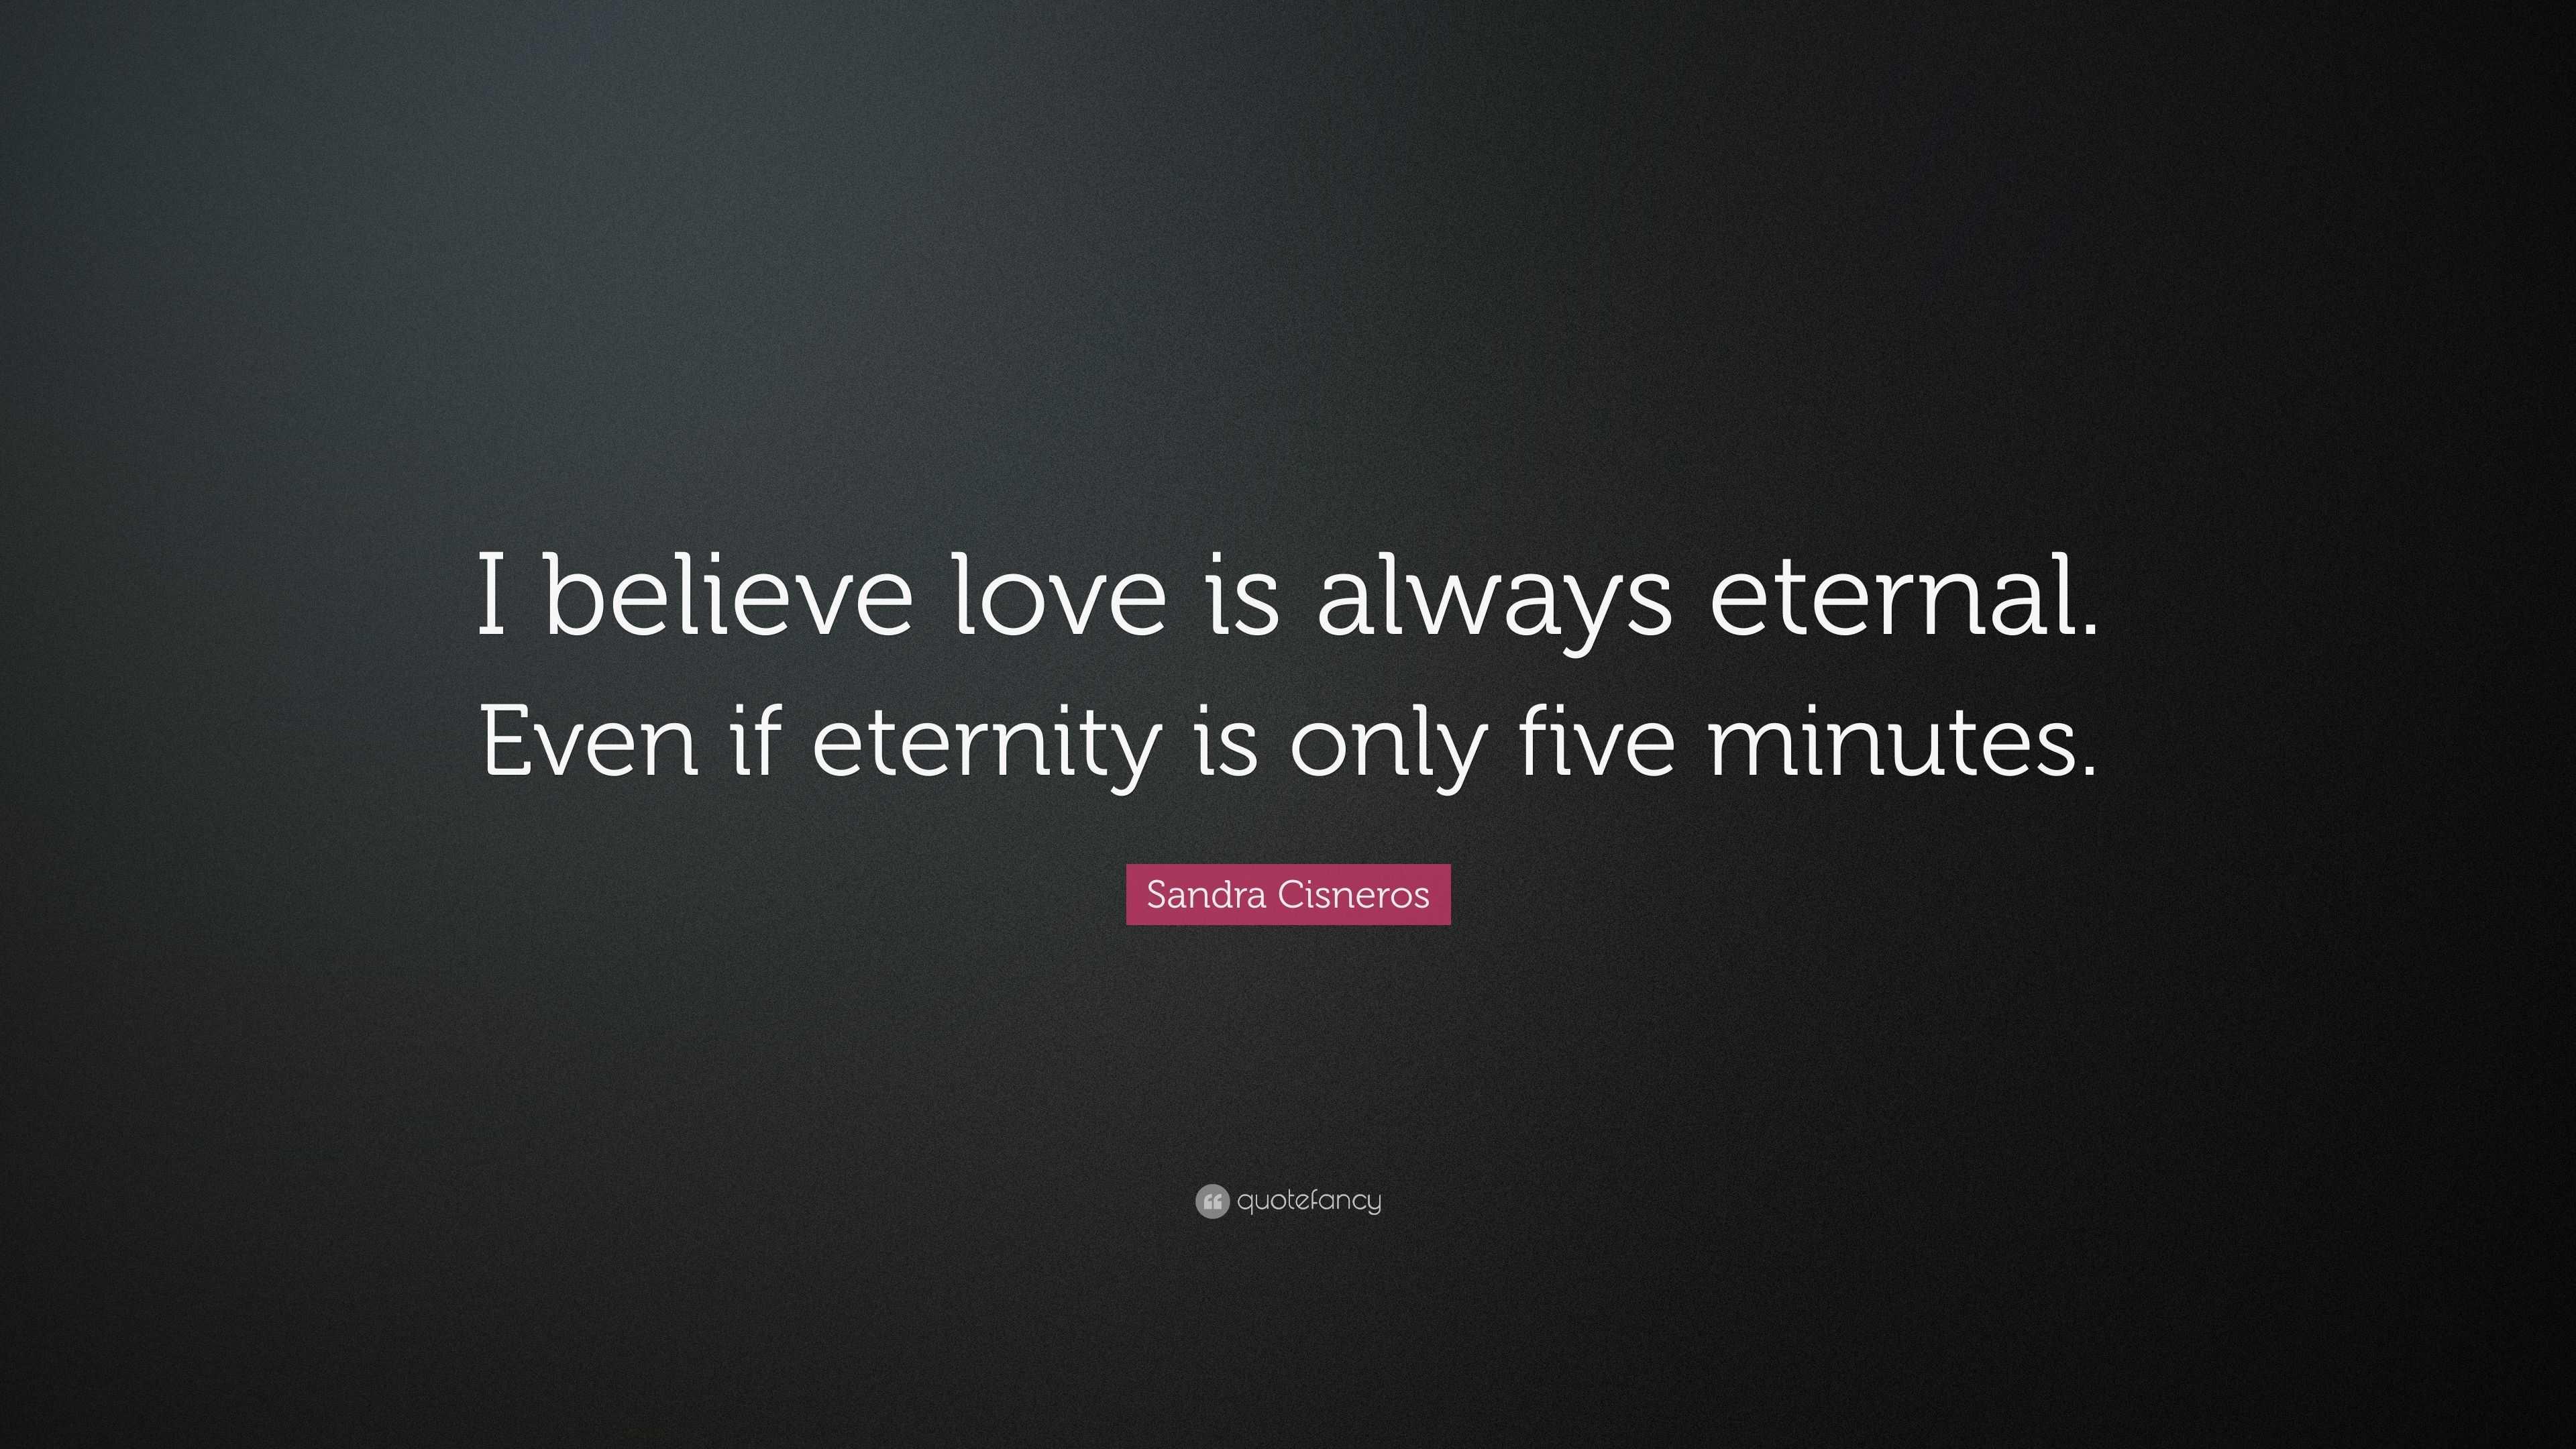 Sandra Cisneros Quote: U201cI Believe Love Is Always Eternal. Even If Eternity  Is